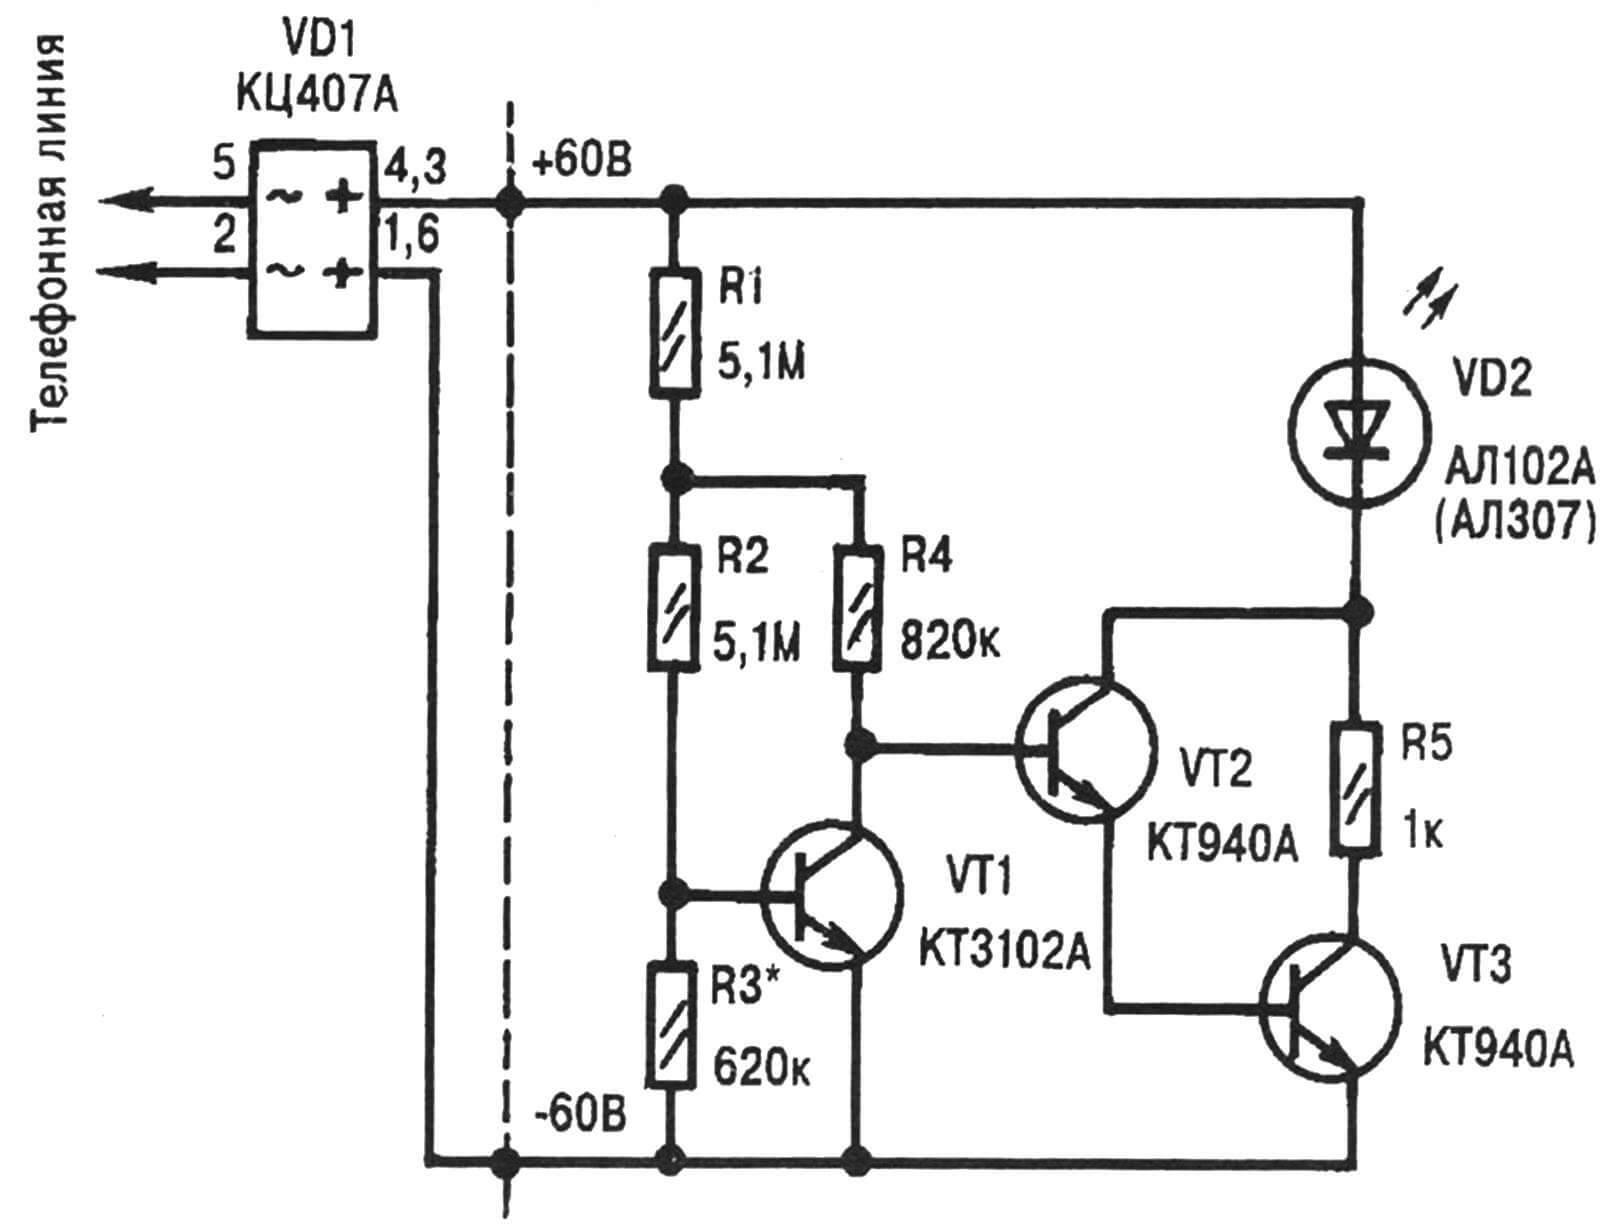 Принципиальная электрическая схема светового индикатора снятой телефонной трубки.